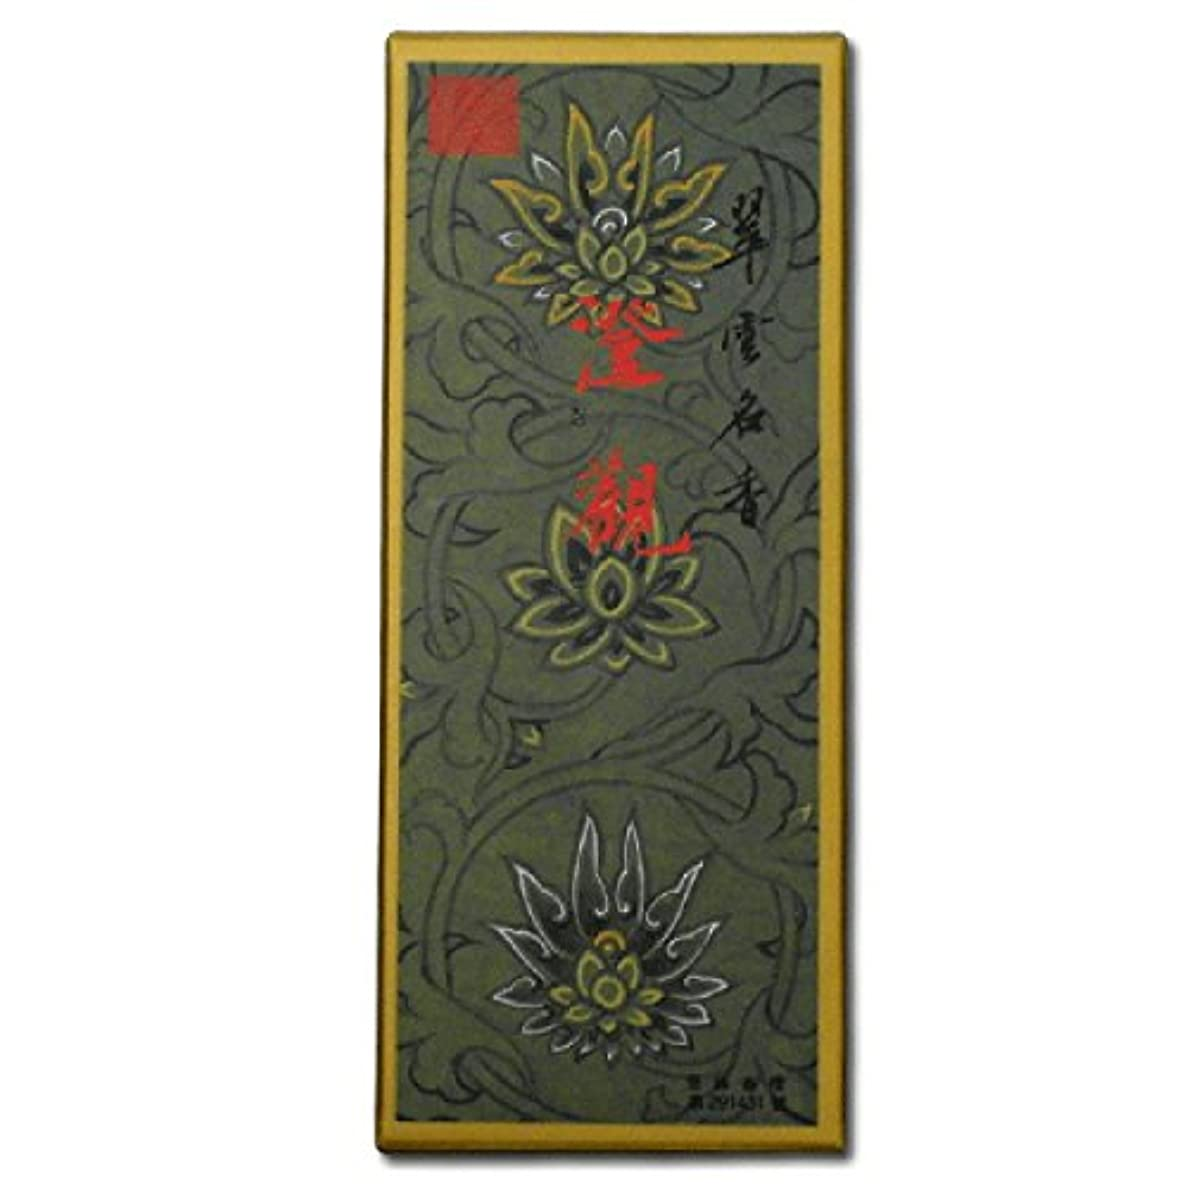 バラバラにする接続詞記念碑的なTemple Incense Jing Kwan (クリアGaze ) Oriental Incense Large 120スティックボックス